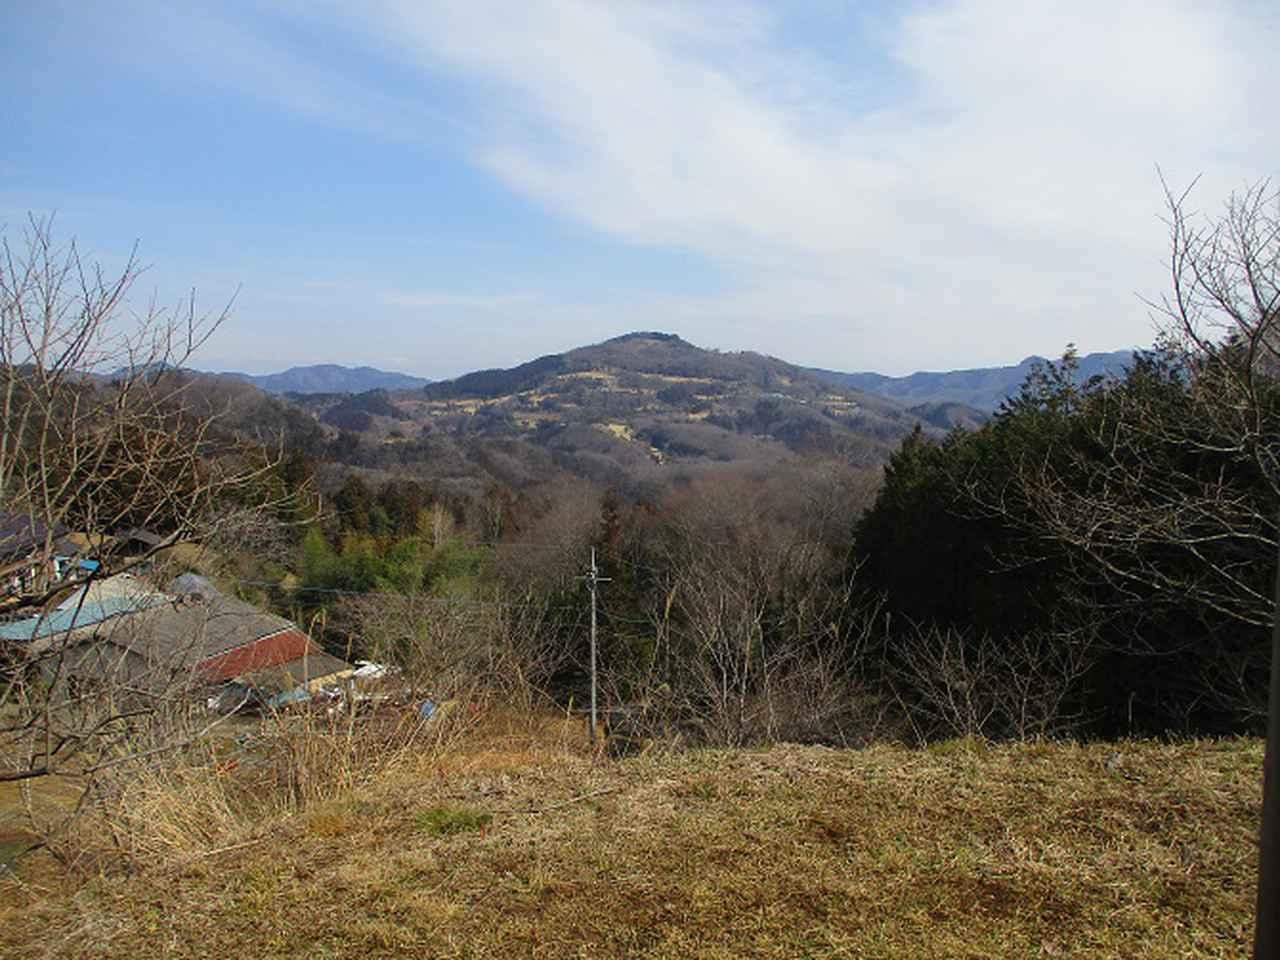 画像10: 3月の山旅会 秩父・破風山 の下見に行ってきました!